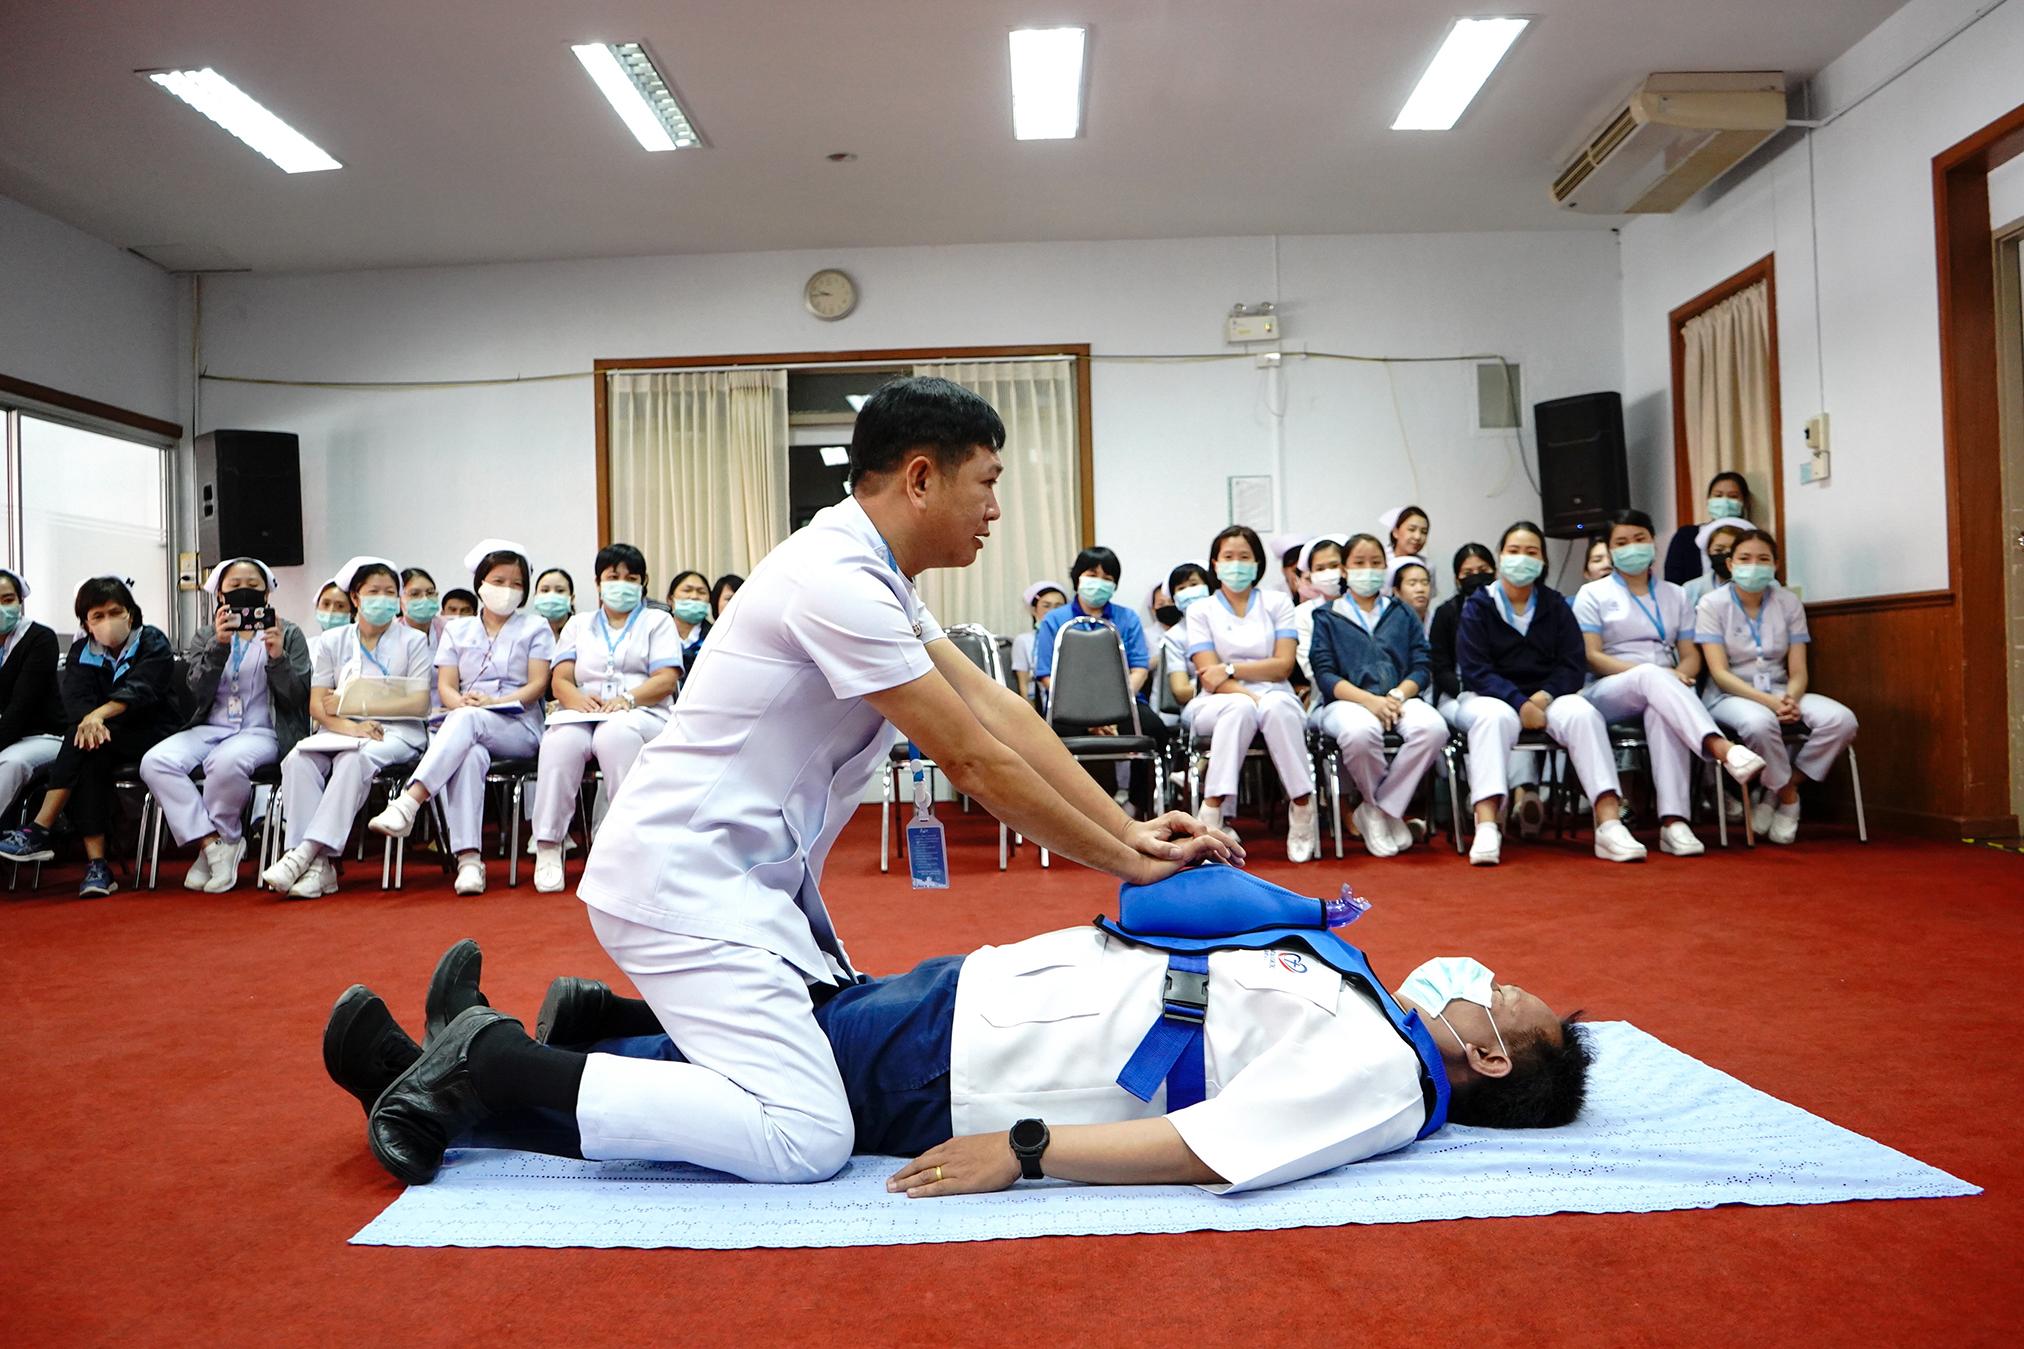 อบรมและฝึกปฏิบัติการ การช่วยฟื้นคืนชีพเบื้องต้น (Basic Life Support)